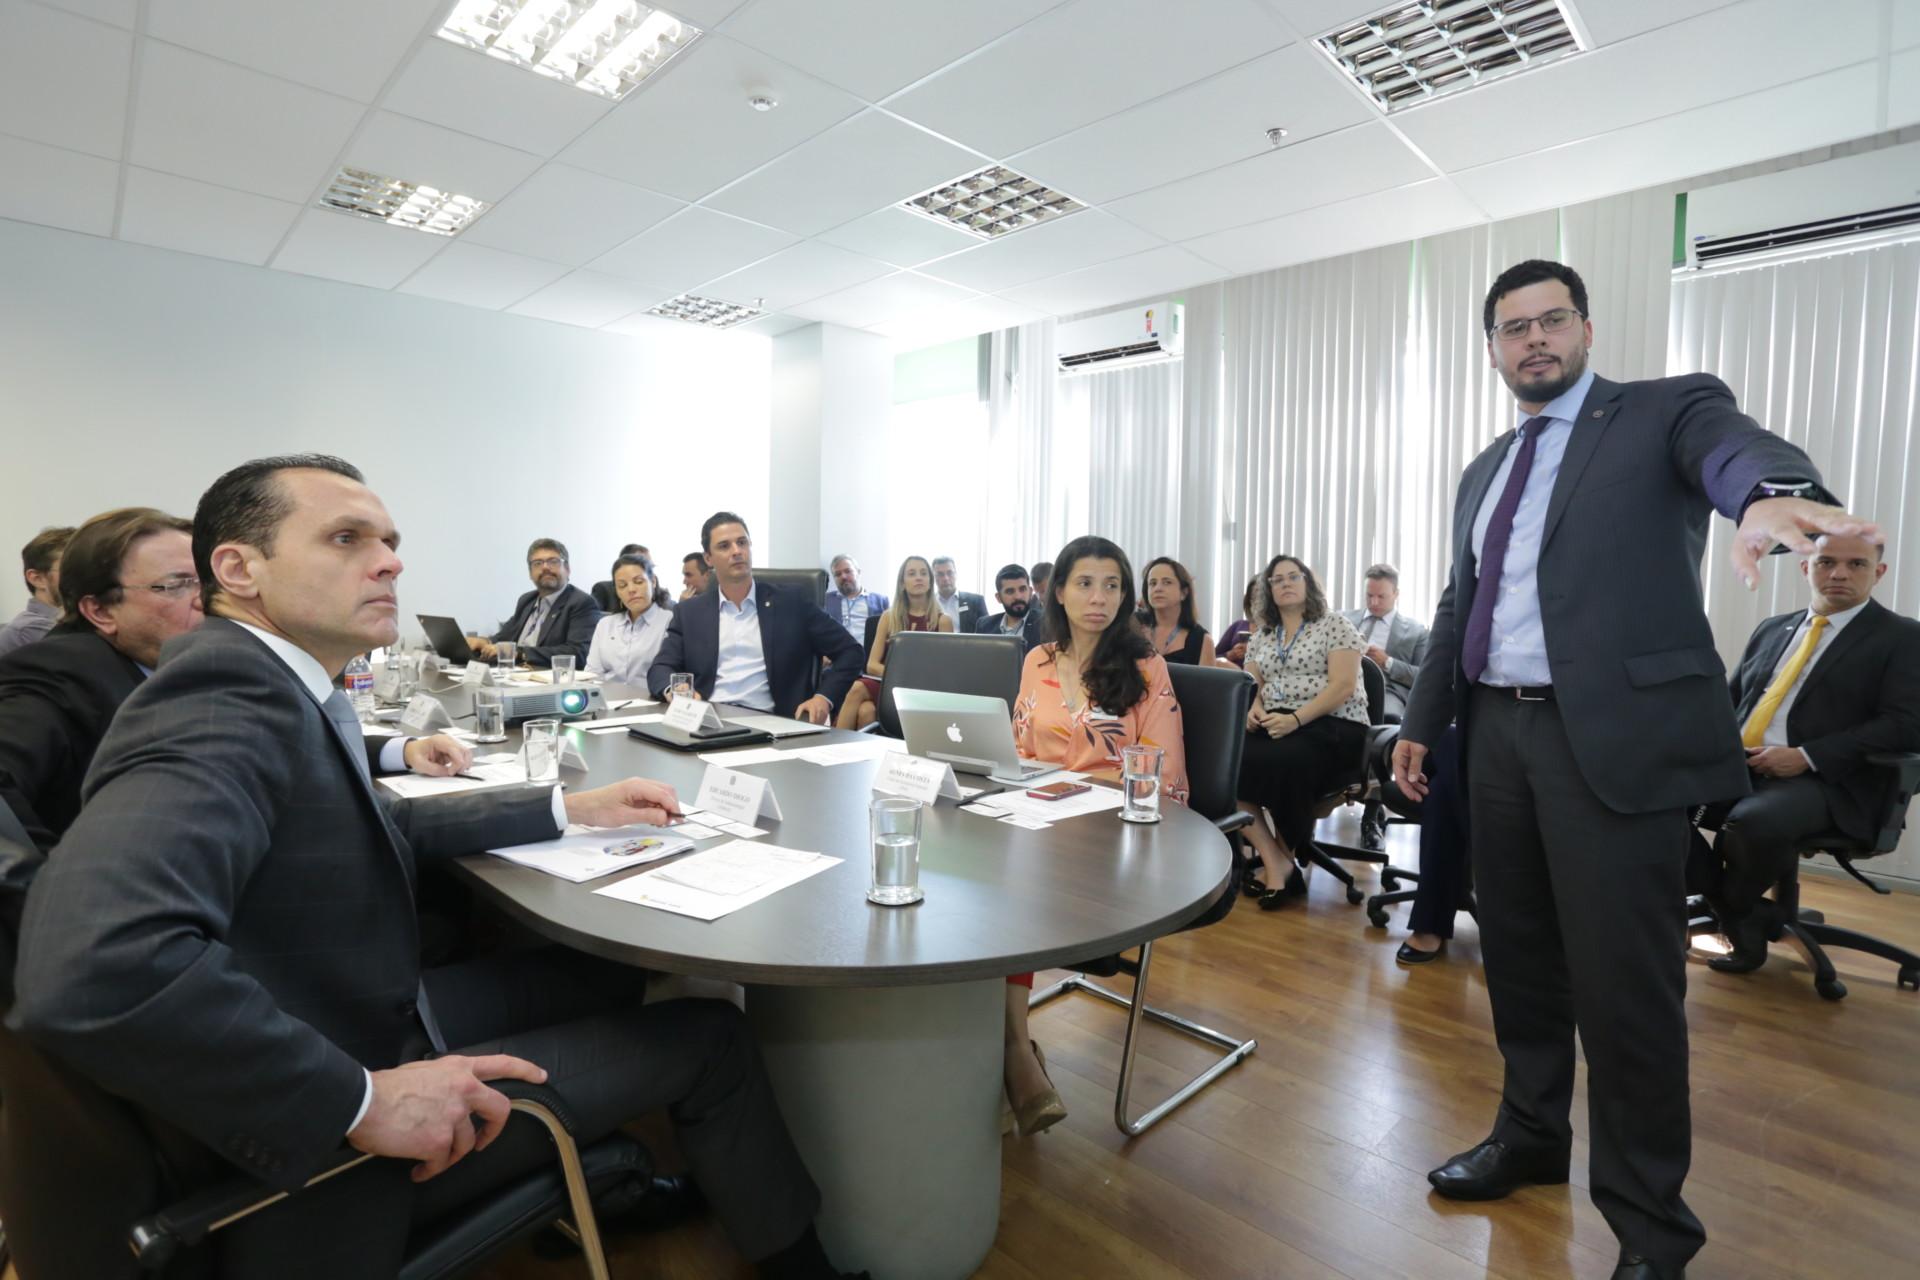 Sebrae e Ministério da Economia conversam sobre o programa Brasil Mais, do Governo Federal